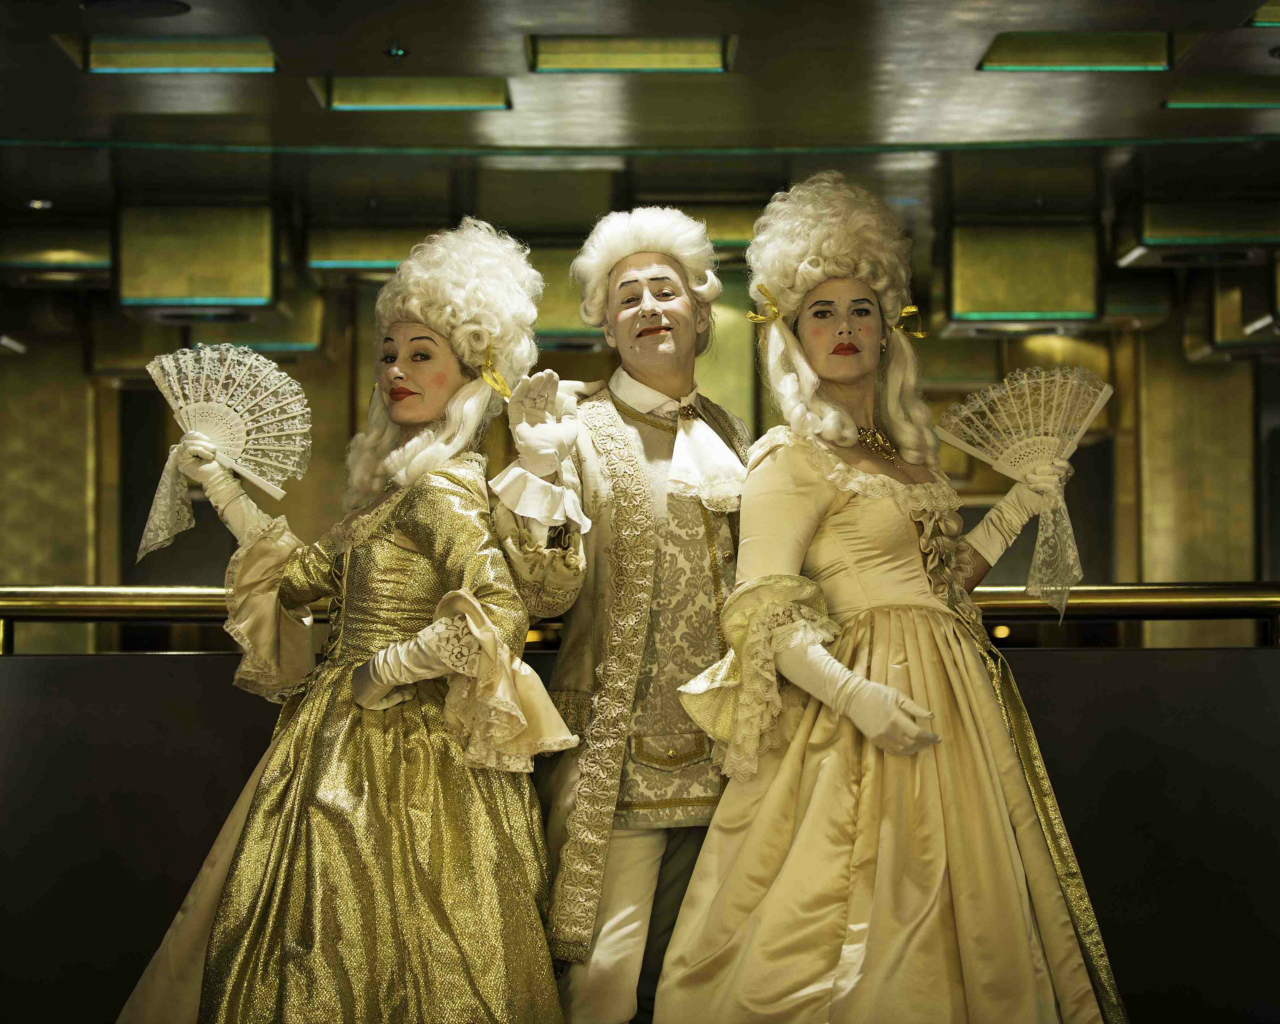 Fops Trio Arts Centre 1280 x 1024.jpg